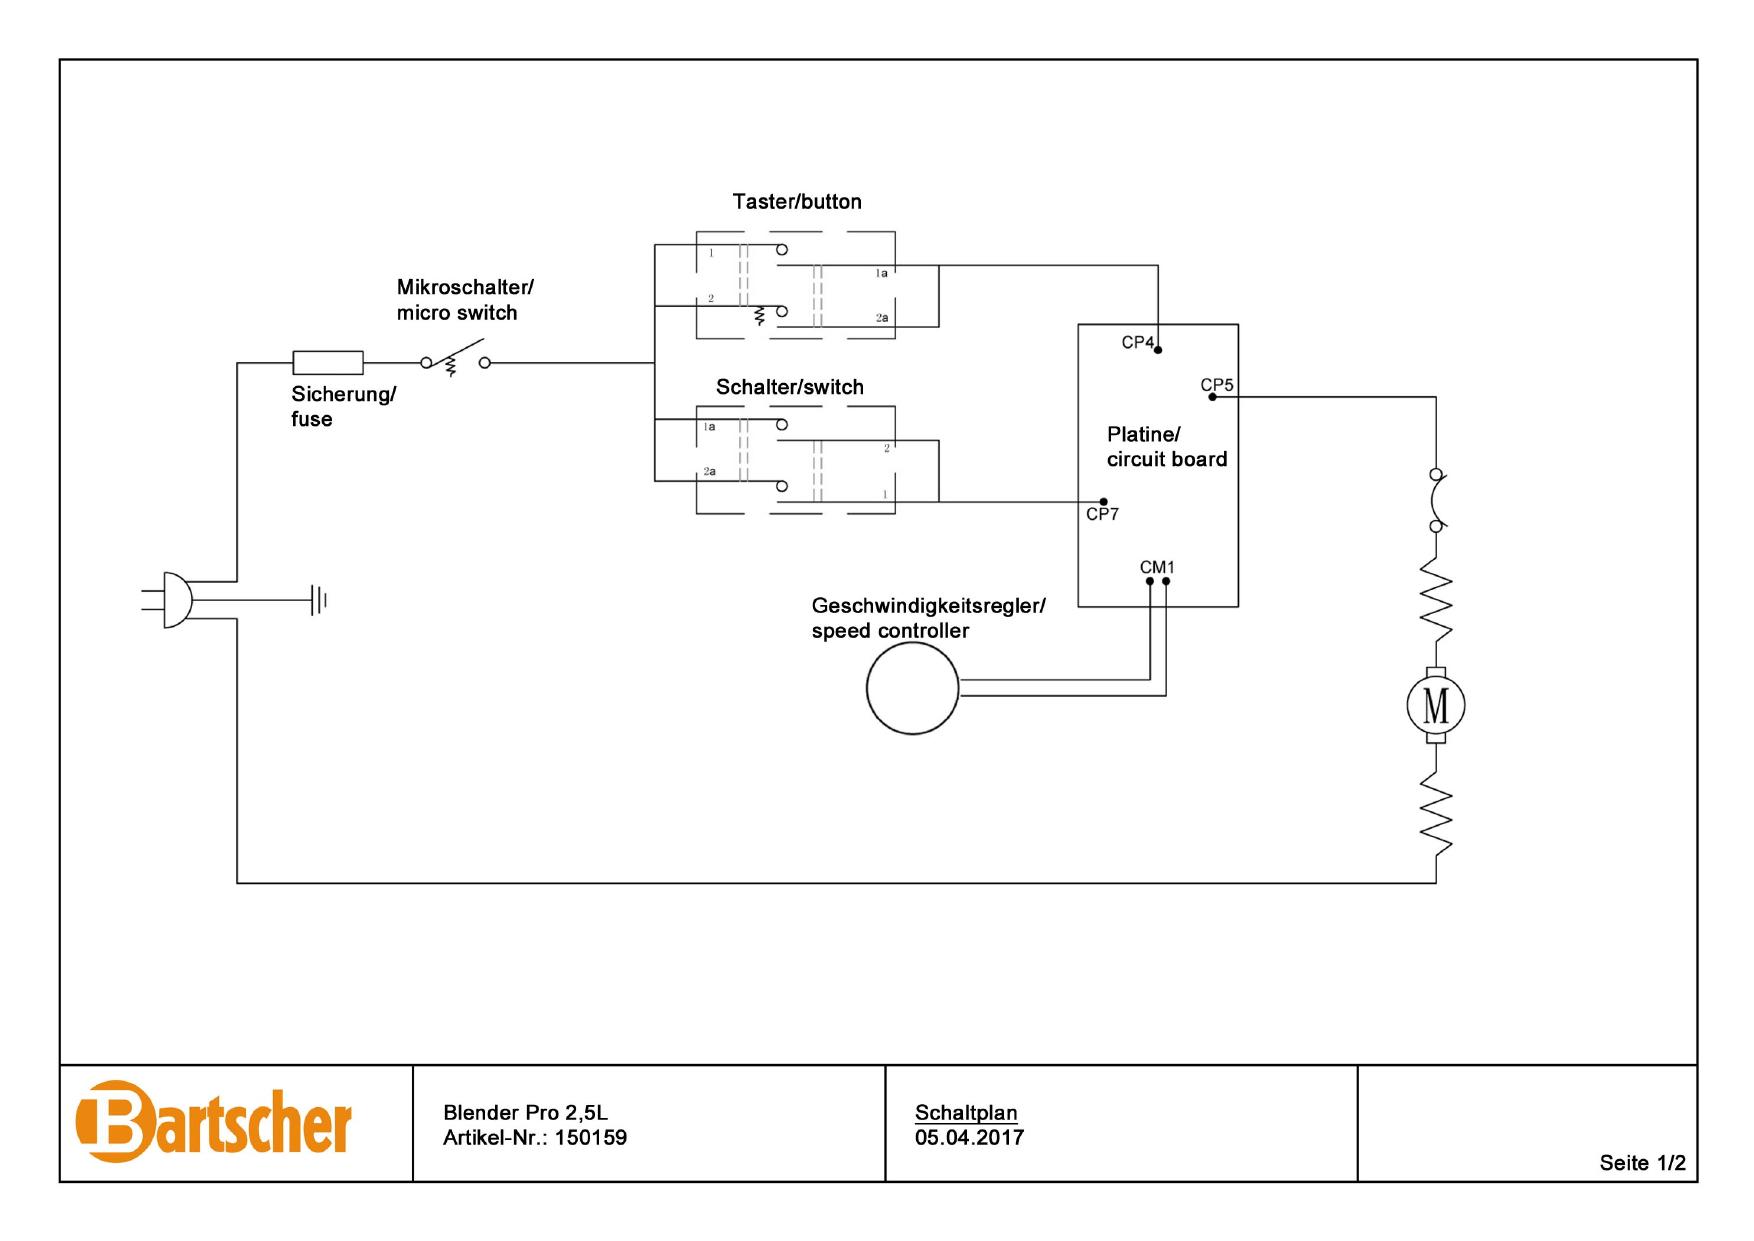 Bartscher 150159 Blender Pro 2 5l Wiring Diagram